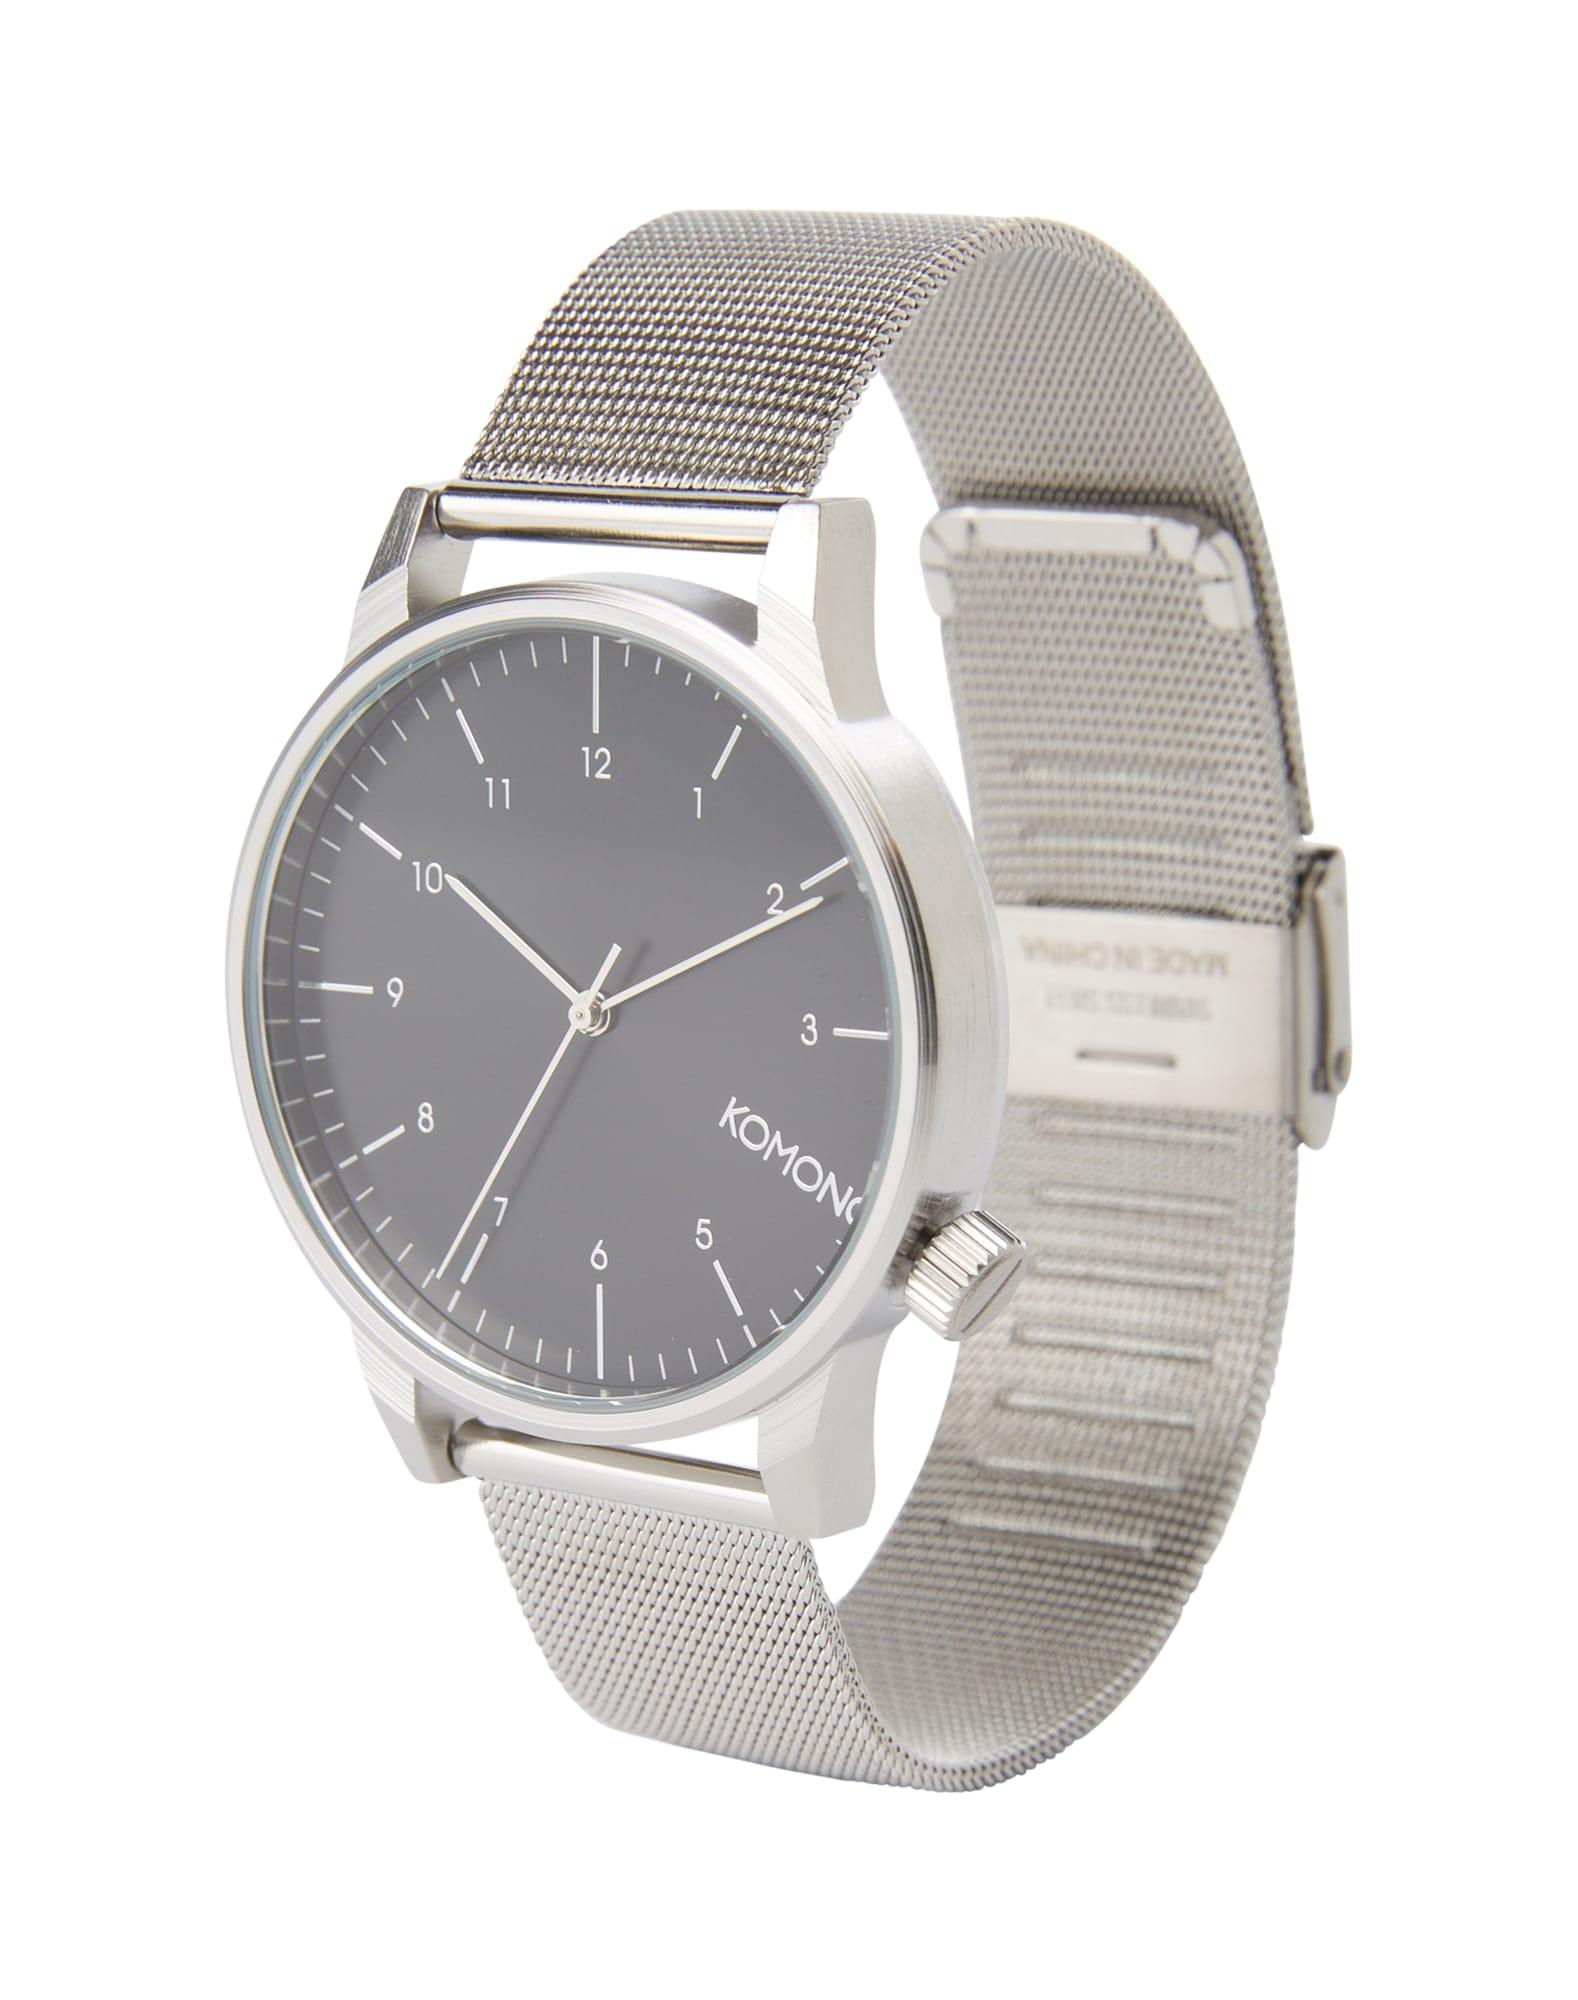 Analogové hodinky Winston Royale černá stříbrná Komono